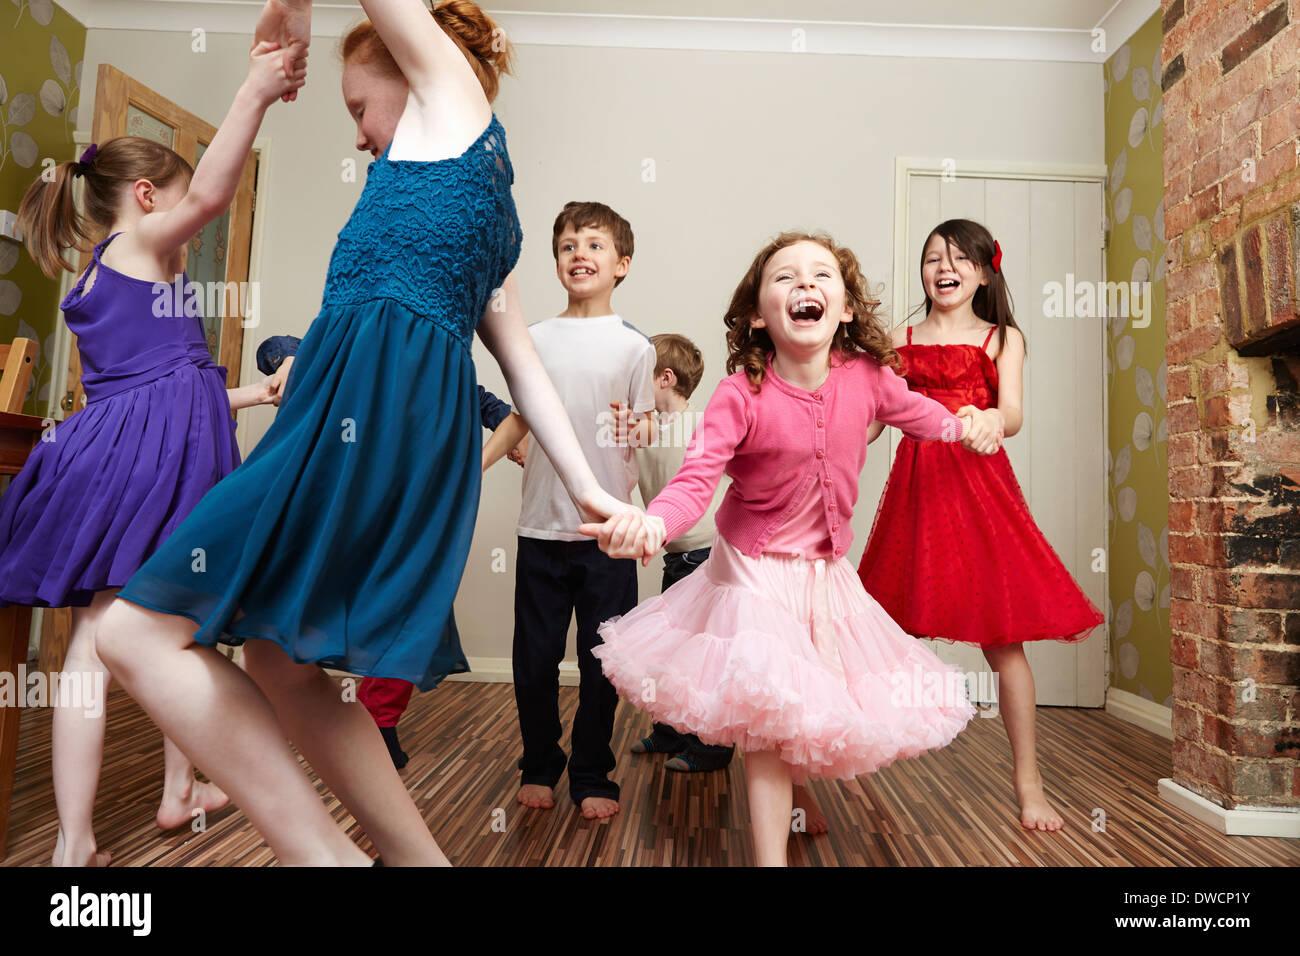 Los niños bailando en la fiesta de cumpleaños Imagen De Stock